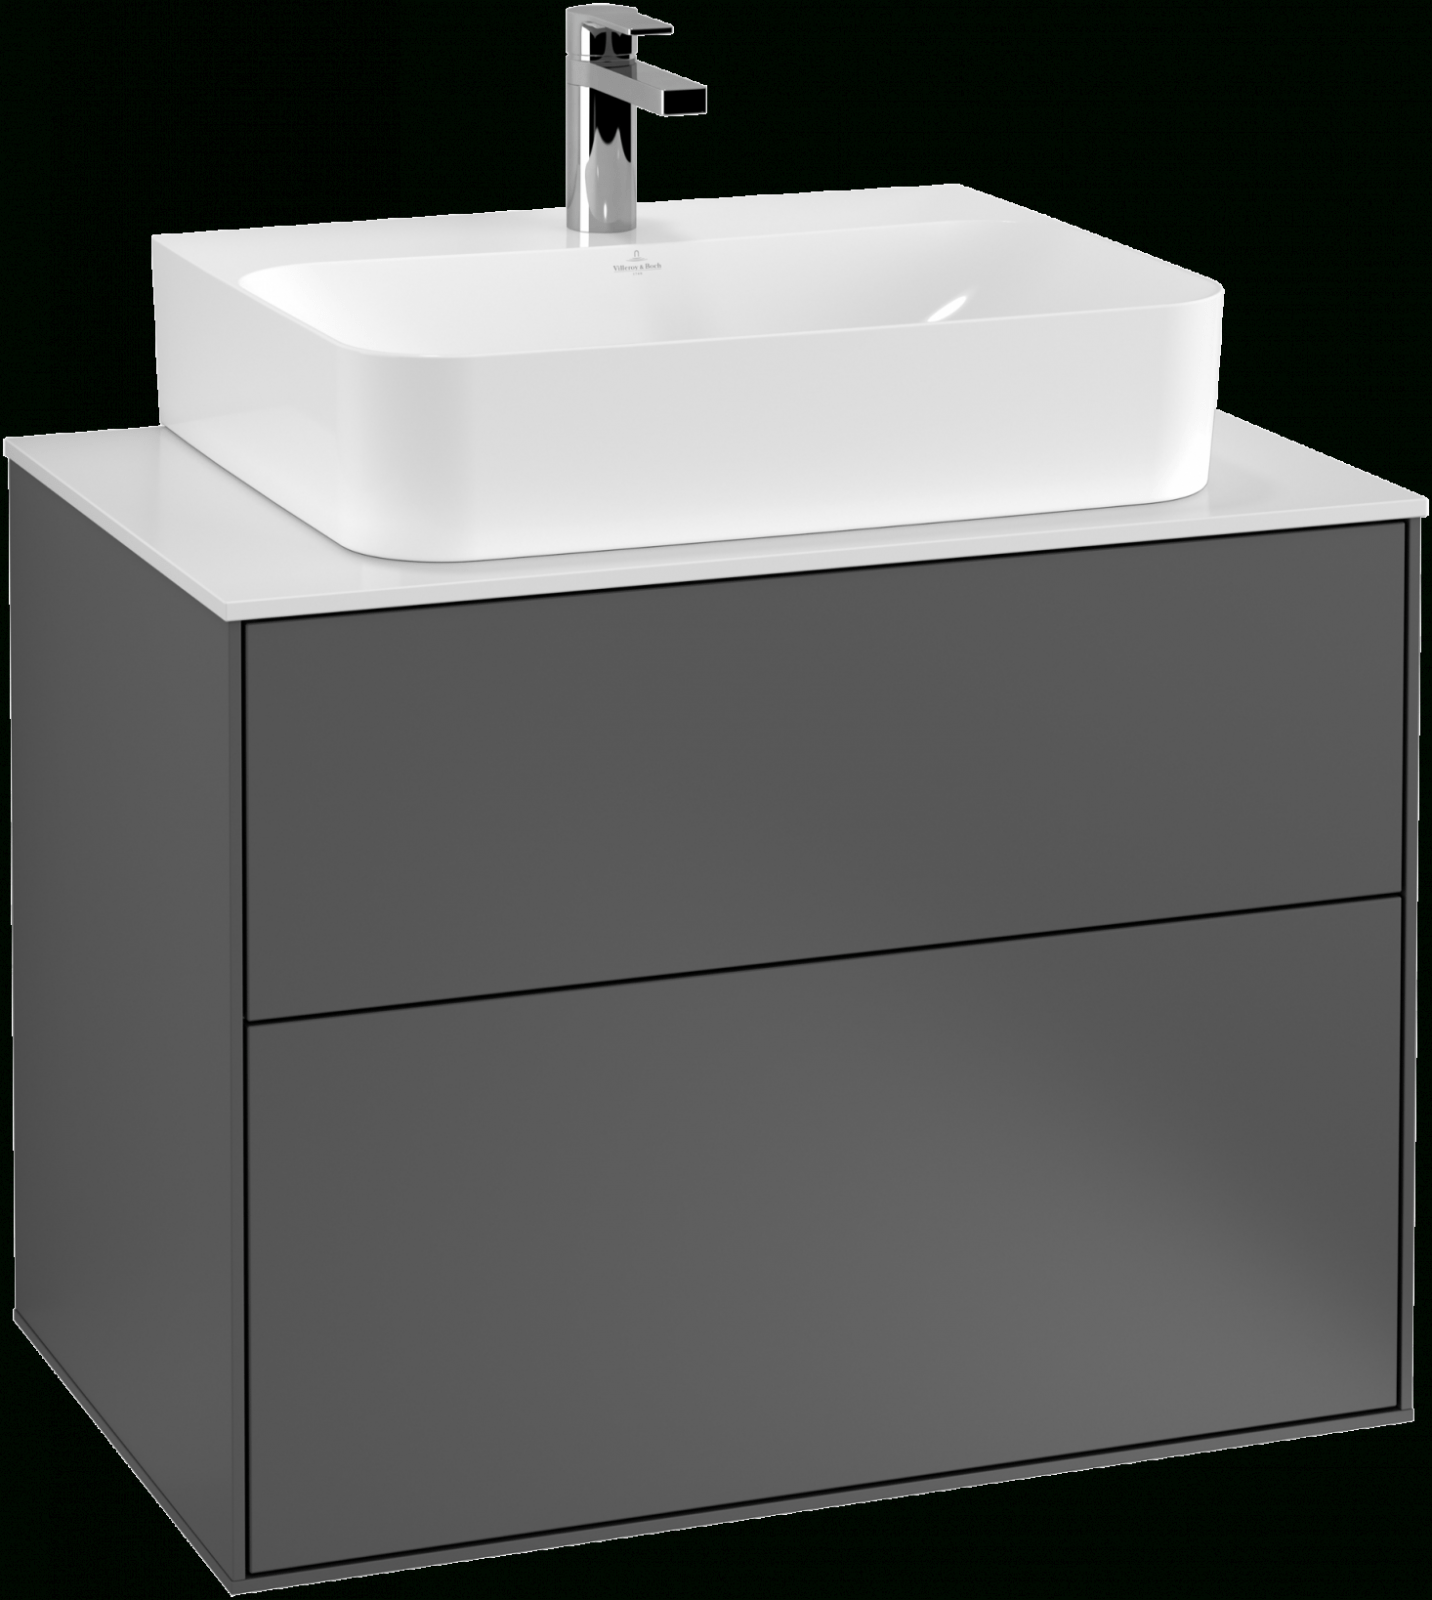 Waschbeckenunterschränke Markenqualität Villeroy  Boch von Villeroy Und Boch Waschtisch Mit Unterschrank Bild